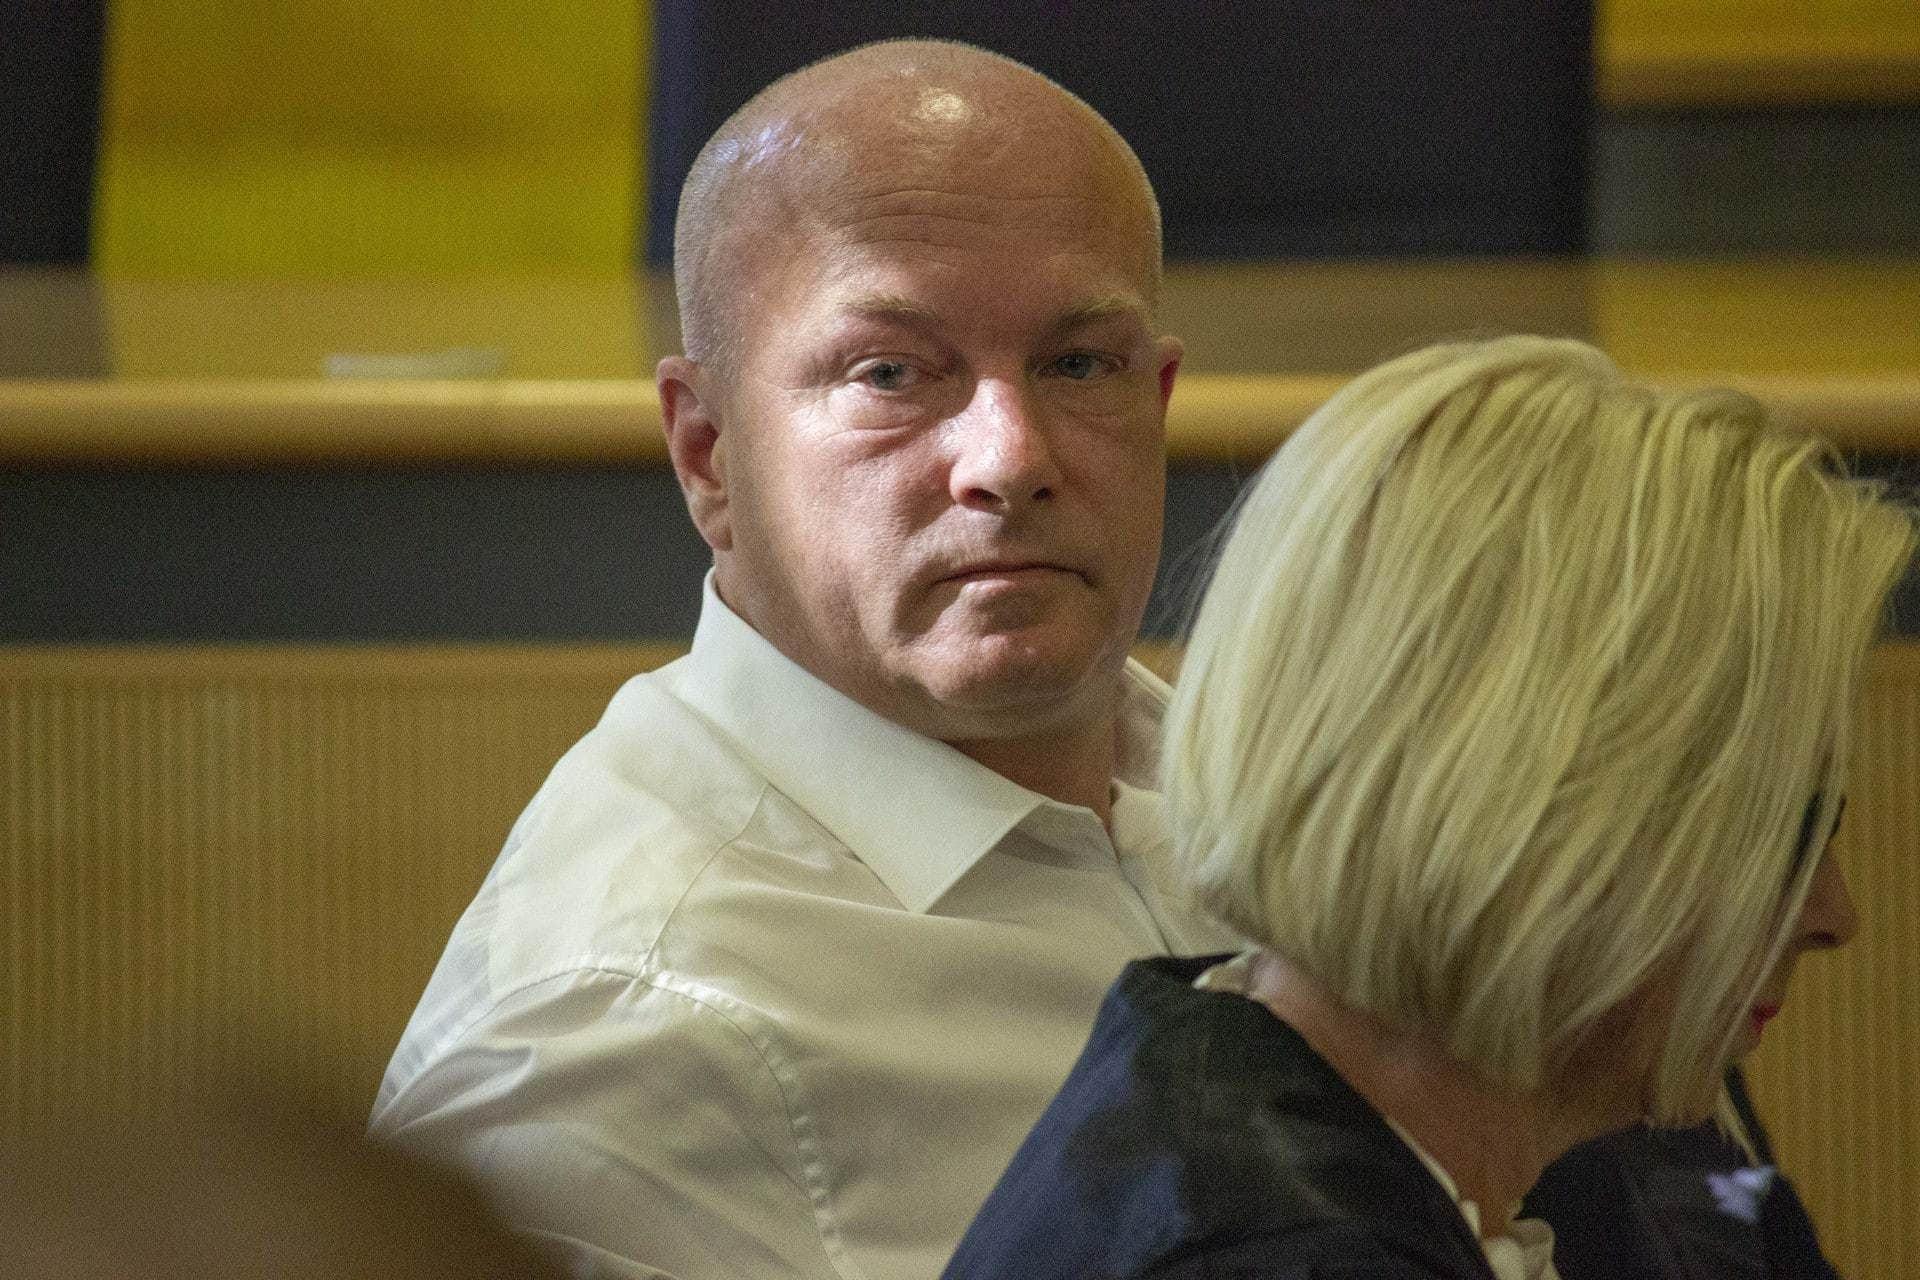 Gericht: Schuldspruch wegen Bestechlichkeit gegen Regensburgs Ex-OB Urteil im zweiten Prozess gegen Joachim Wolbergs